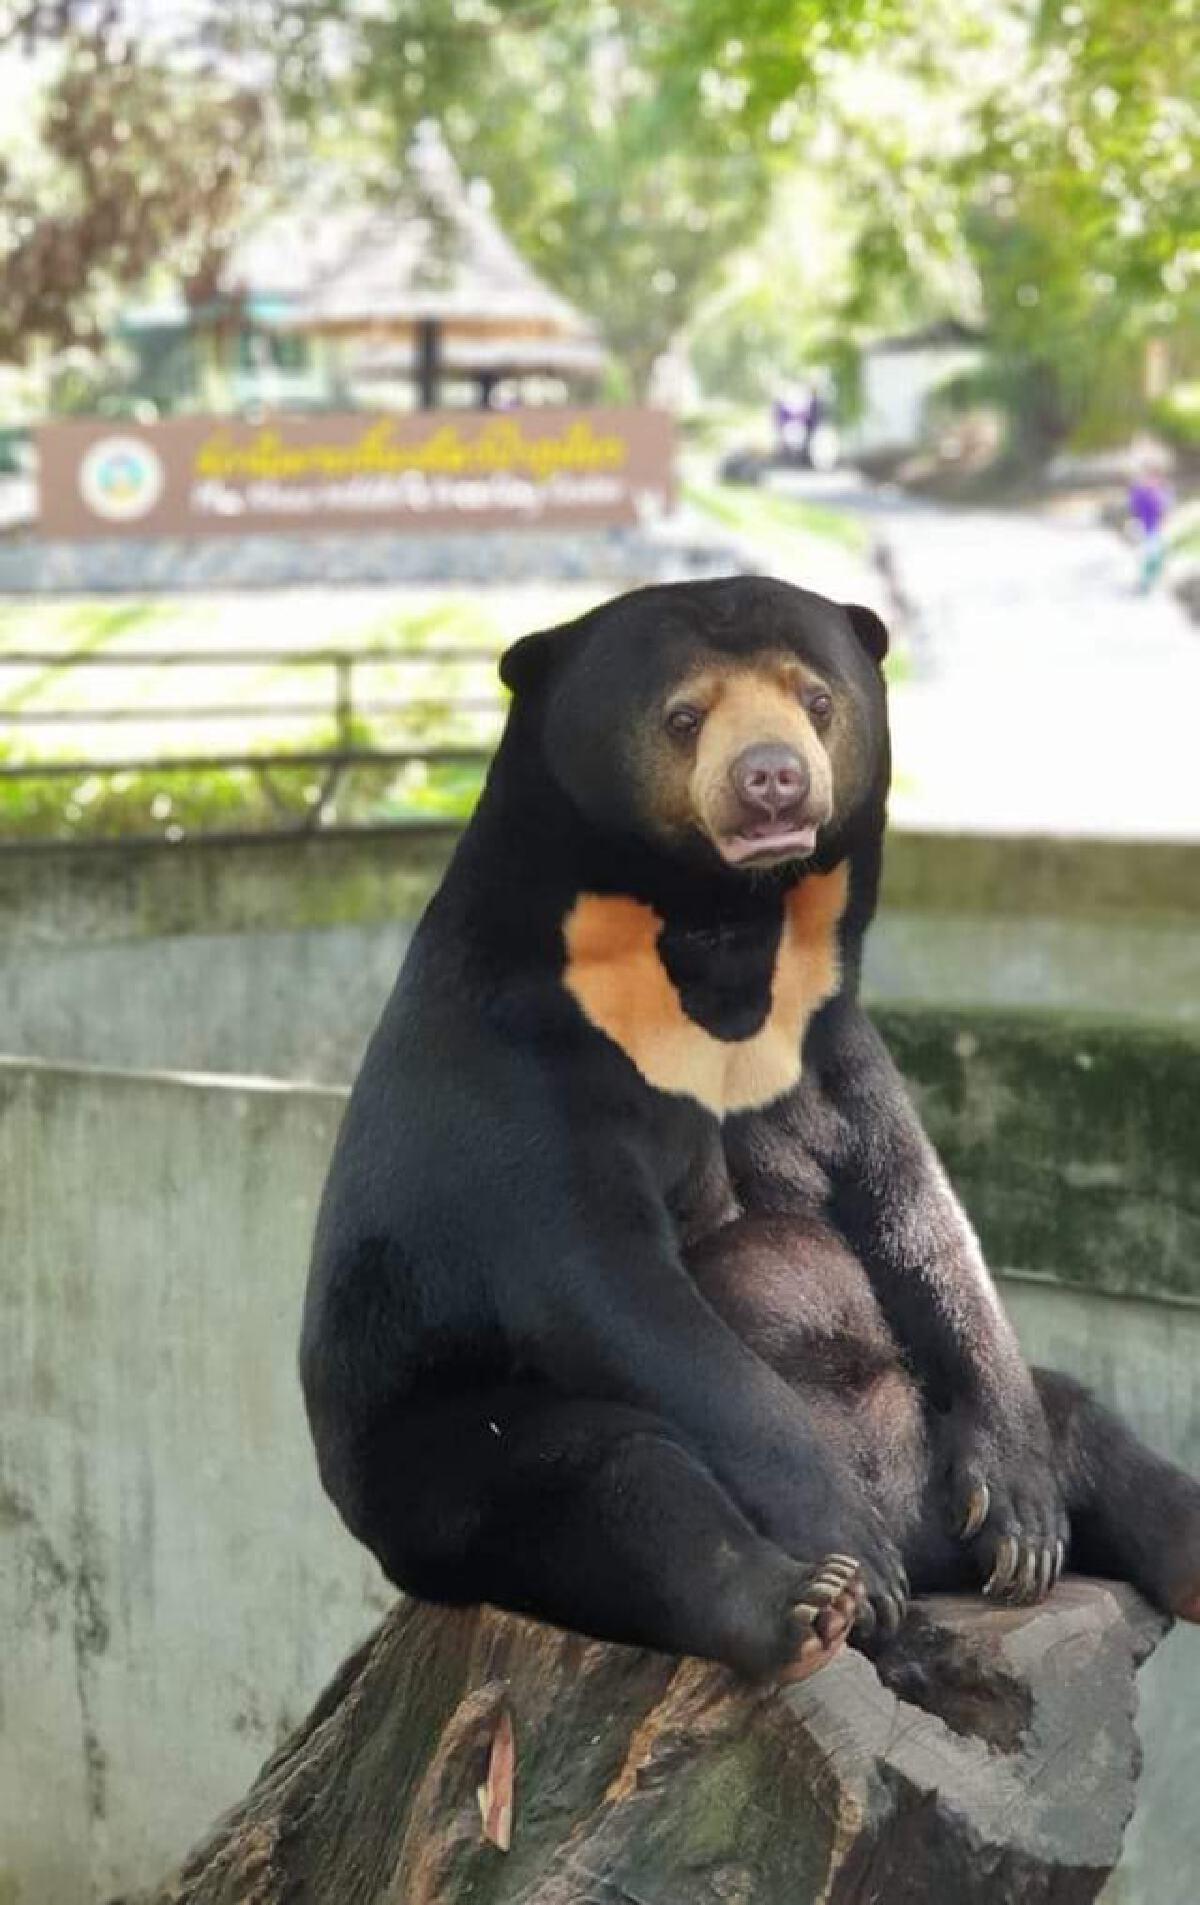 เผยภาพหมีหมานั่งเรียบร้อย หลังเจ้าหน้าที่ติดป้ายเตือนให้ทำตัวสุภาพ